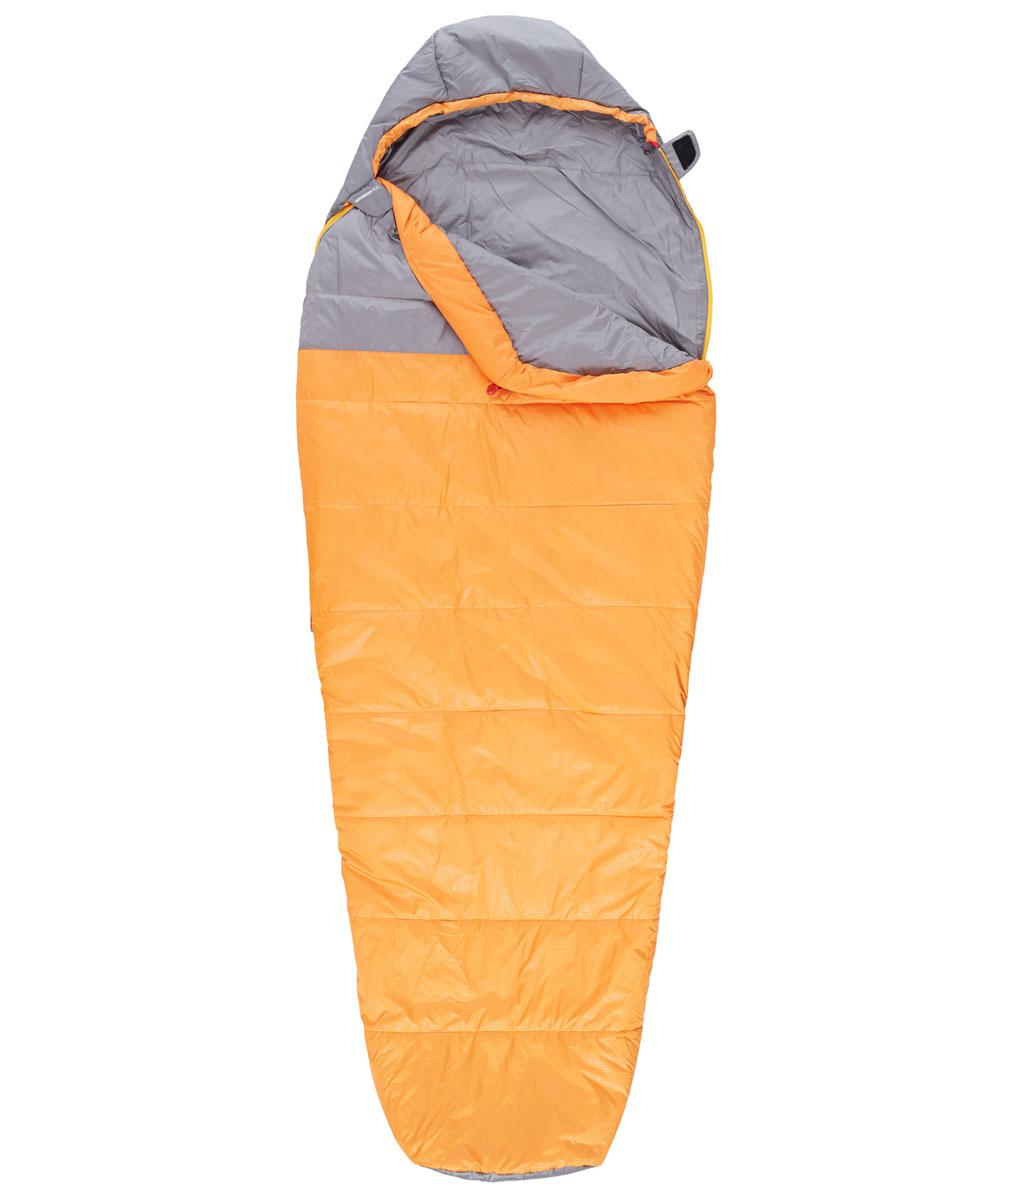 Мешок спальный The North Face Aleutian 35/2, цвет: оранжевый, серый, правосторонняя молнияКальсоны Verticale POLARThe North Face Aleutian 35/2 - это трехсезонный спальный мешок для путешествий, который можно целиком расстегнуть и расстелить в палатке. Этот спальный мешок очень вместительный, универсальный, теплый, комфортный и при этом практичный. Спальный мешок упакован в удобный чехол для переноски.Длина мешка: 183 см.Вес наполнителя: 517 г.